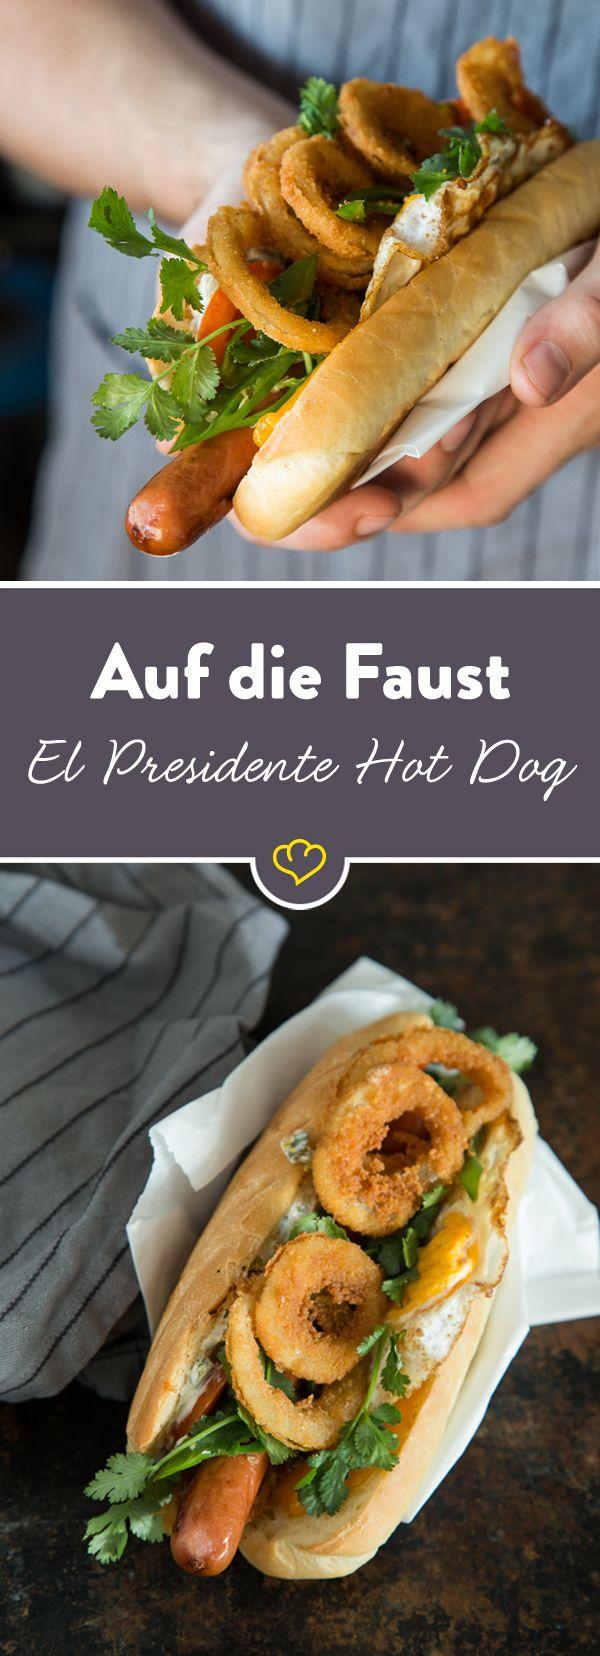 Dieser Deluxe Hot Dog hat den Namen El Presidente wirklich verdient.